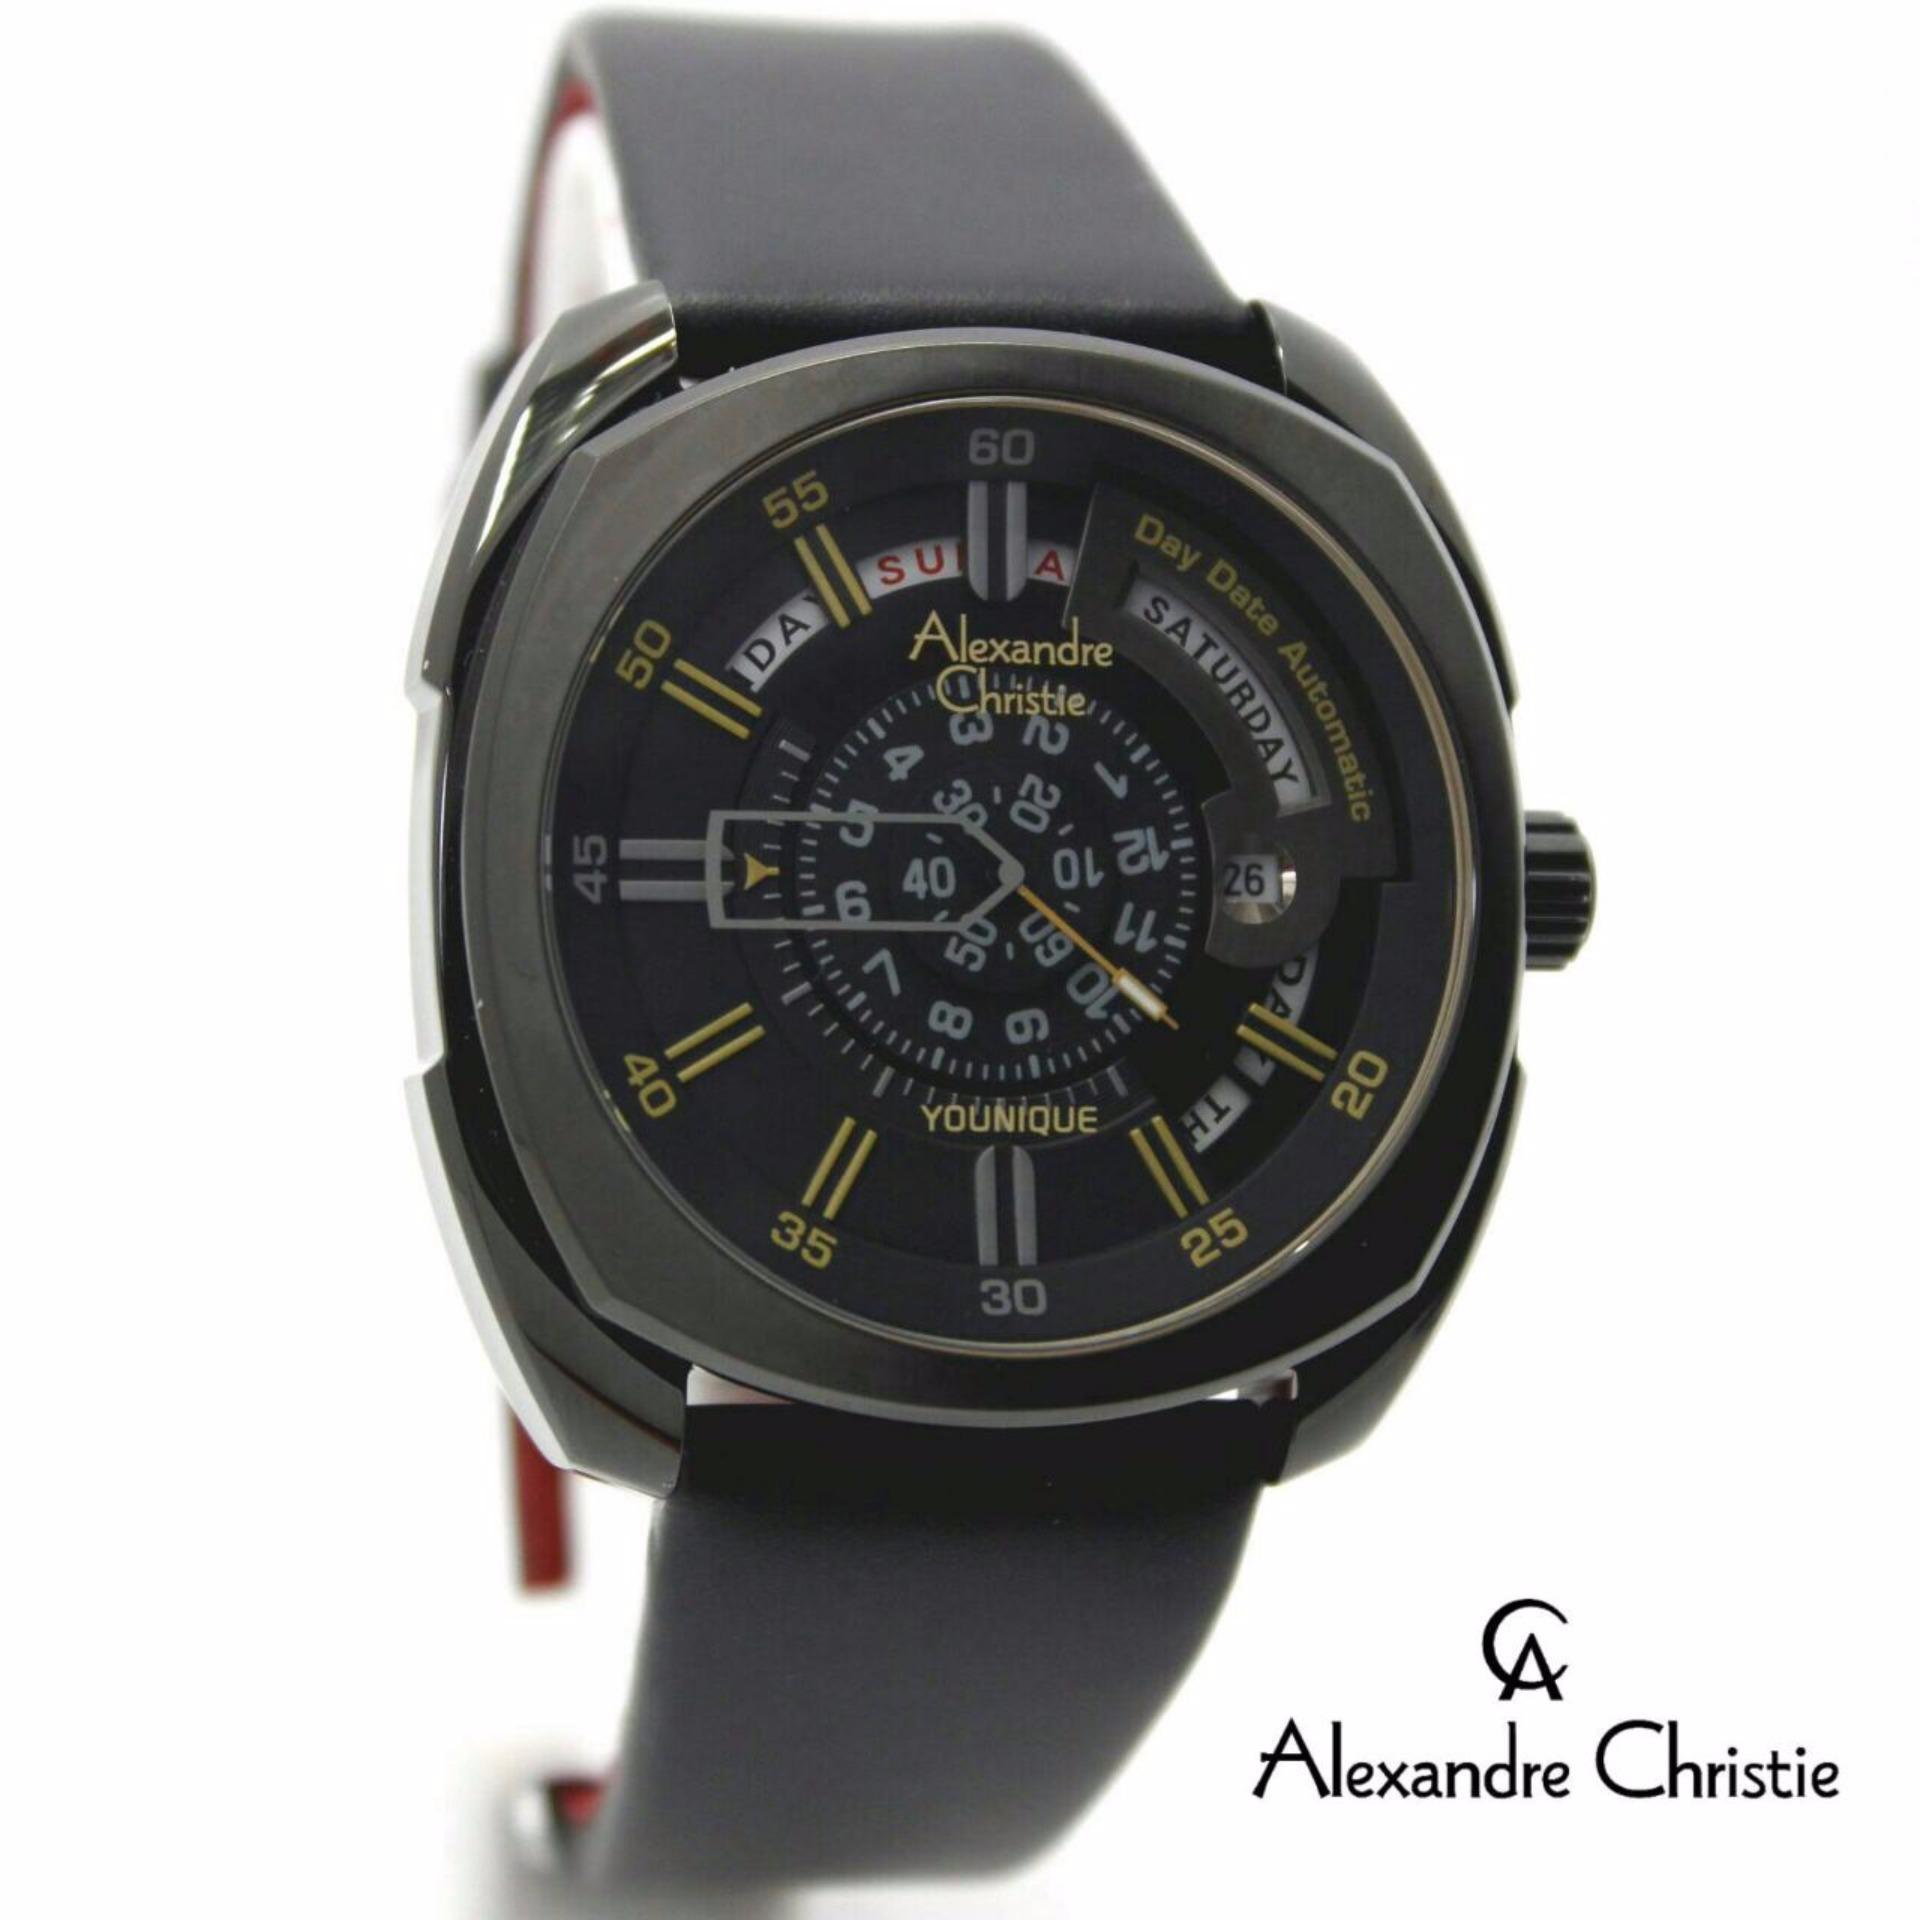 Review of Alexandre Christie AC3034M Automatic Jam Tangan Pria Strap Leather Hitam belanja murah - Hanya